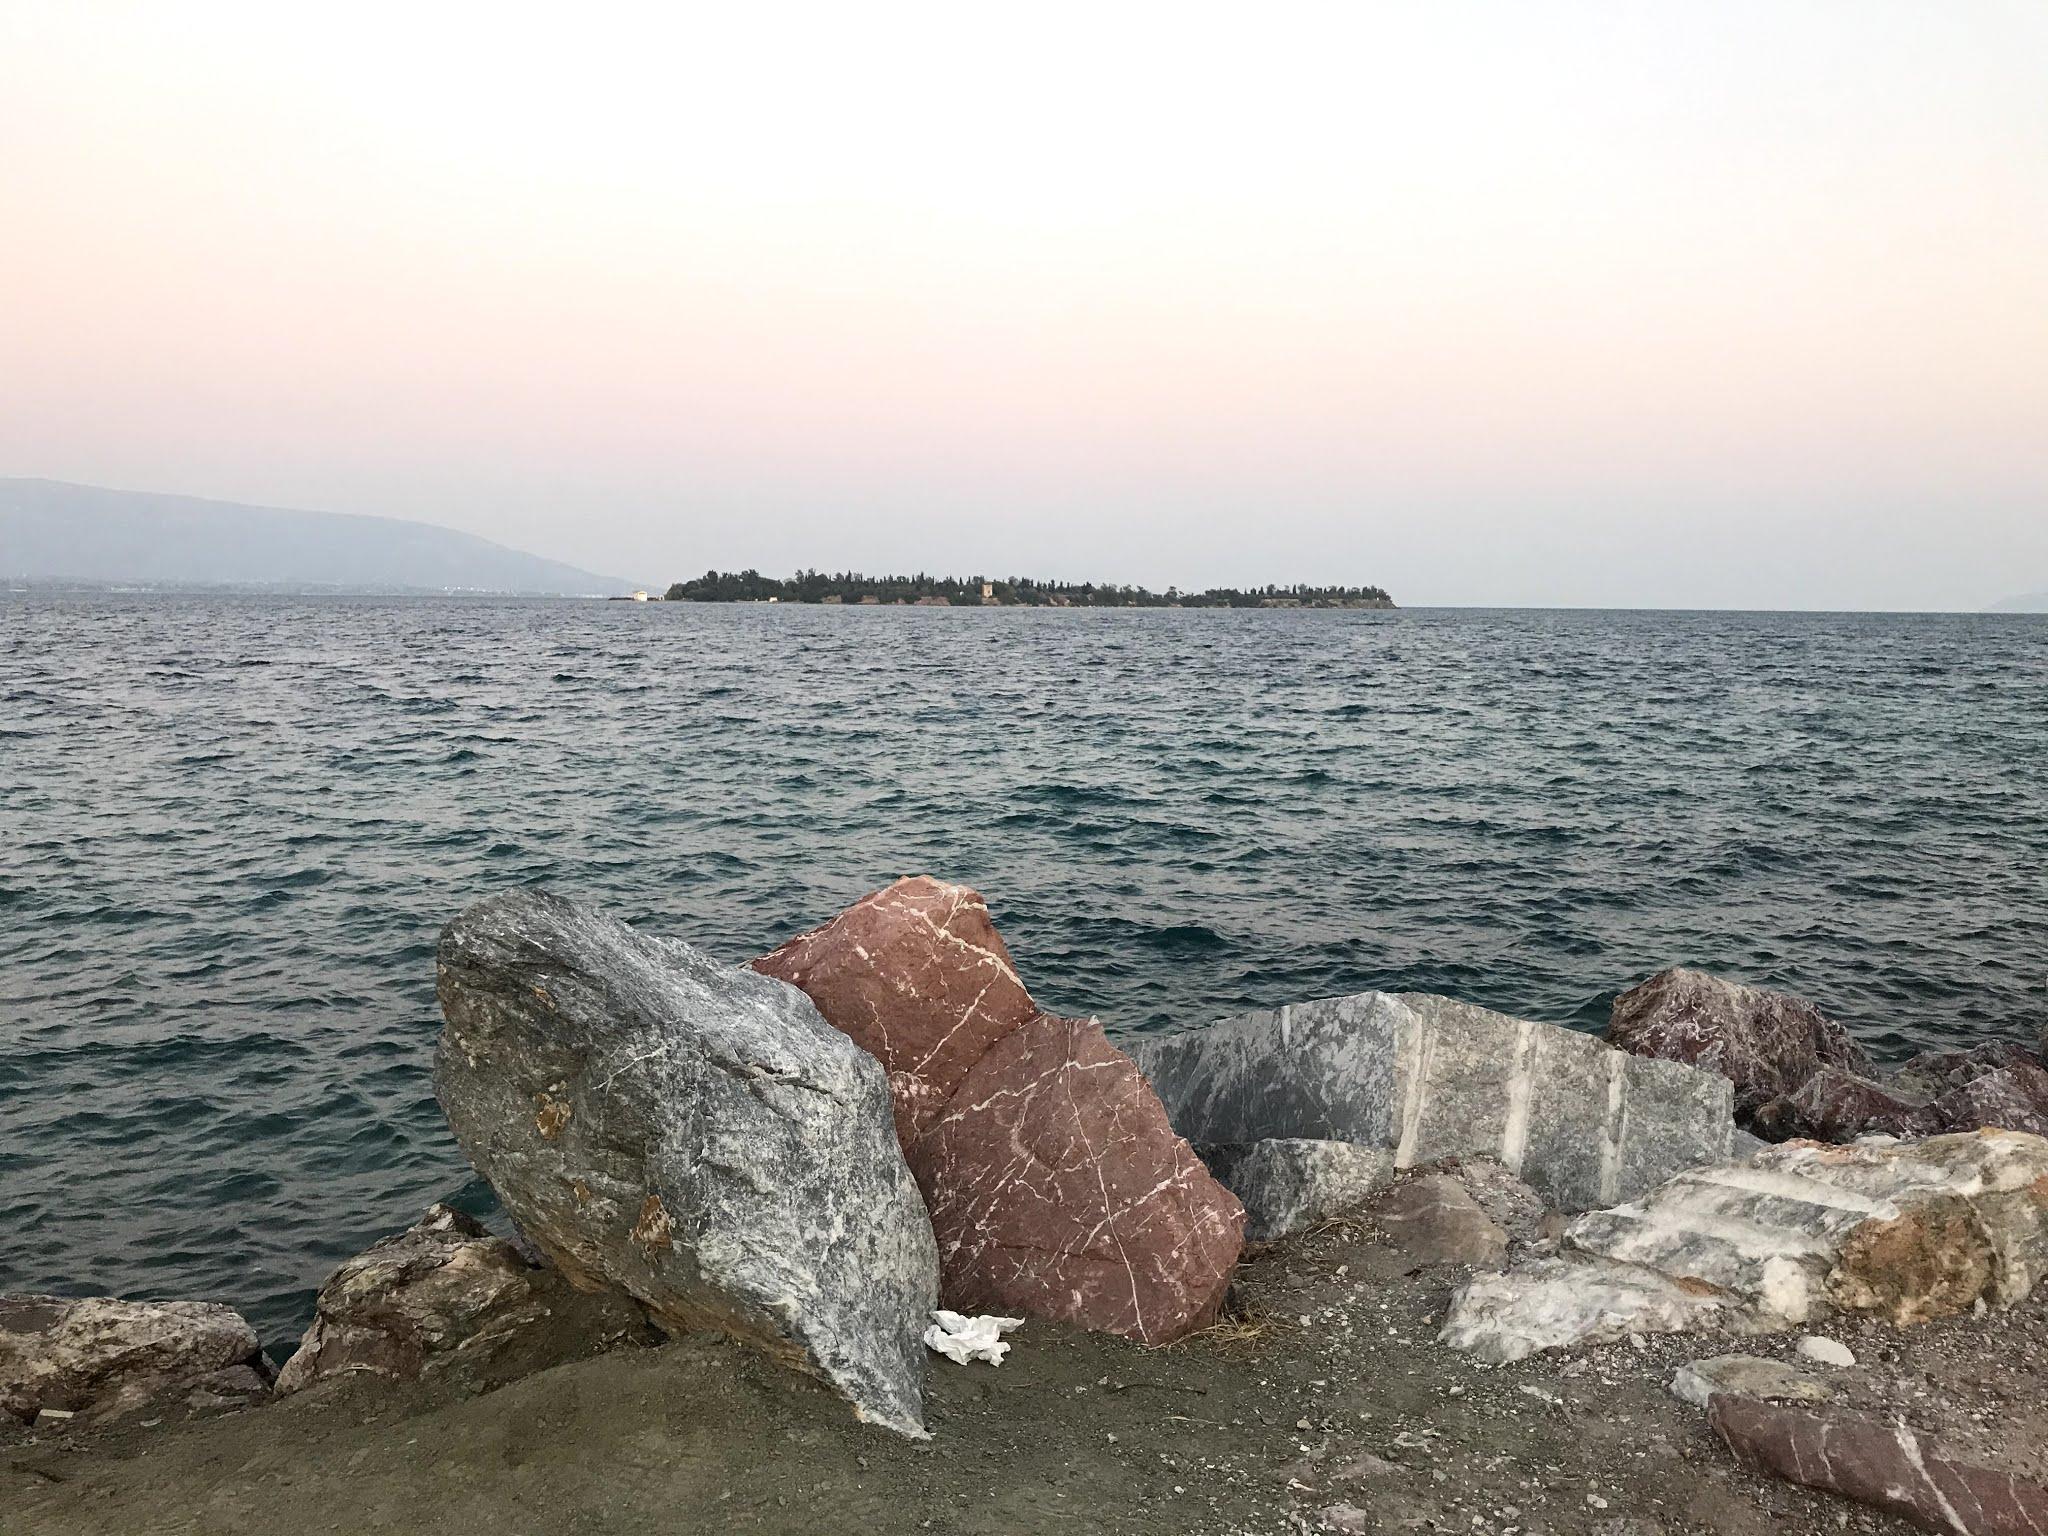 Δείτε φωτογραφίες: Αυτός είναι ο κρυμμένος θησαυρός της Εύβοιας